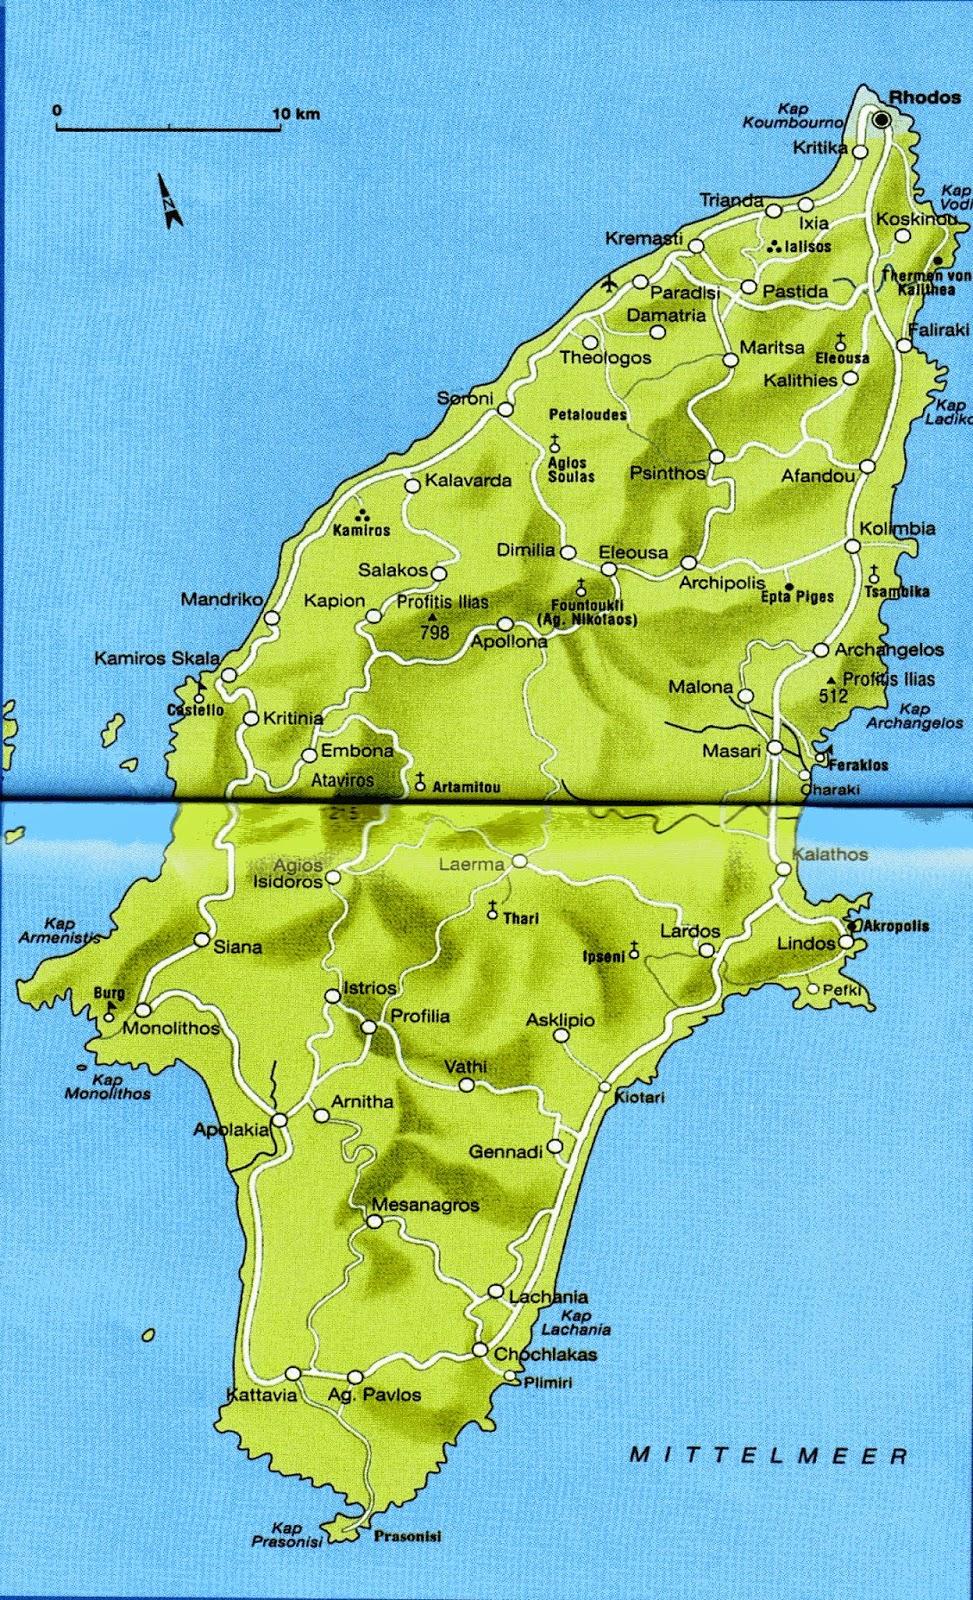 Rhodos Karte Mit Sehenswürdigkeiten.Rhodos Karte Sehenswürdigkeiten Hanzeontwerpfabriek